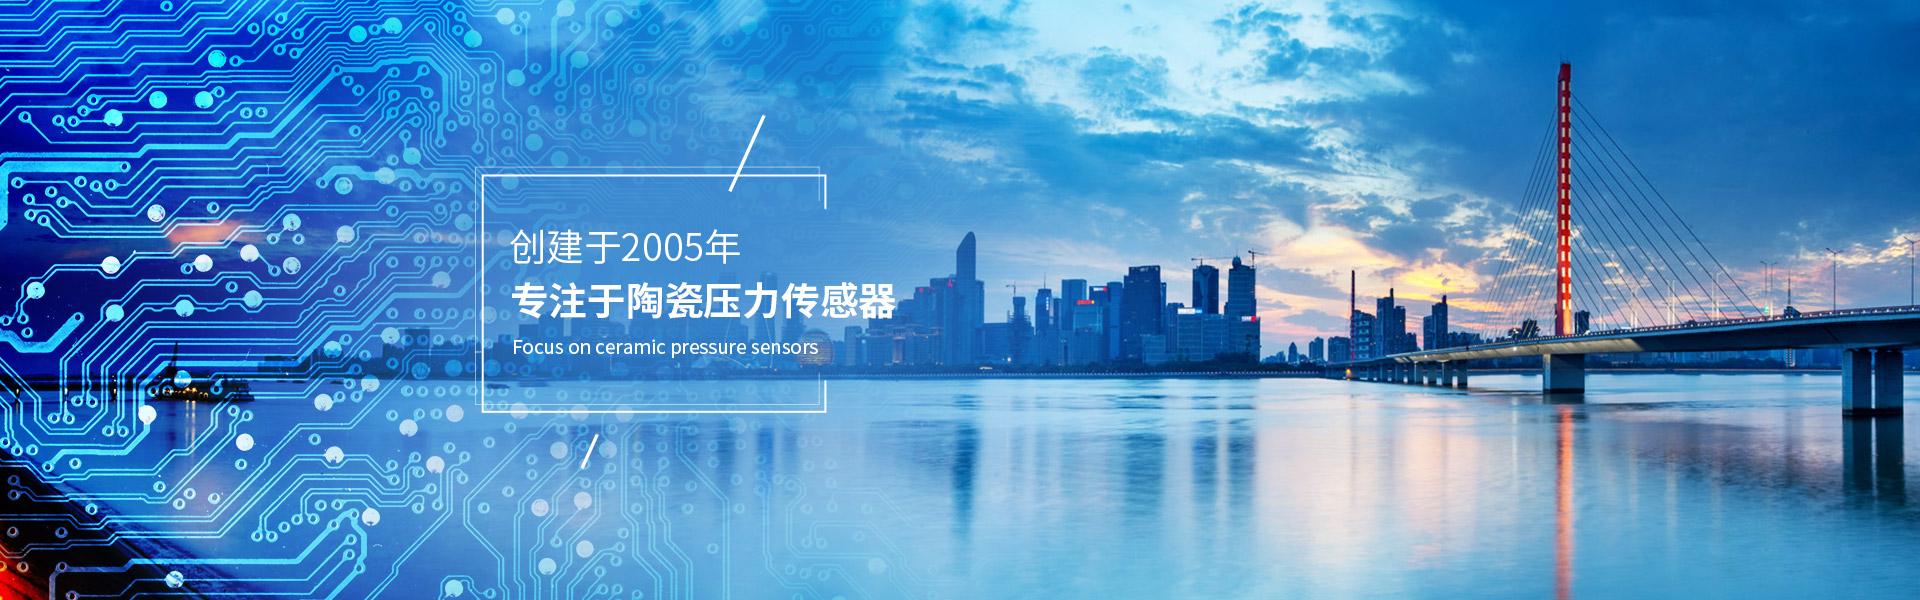 北京凯发微電子有限公司